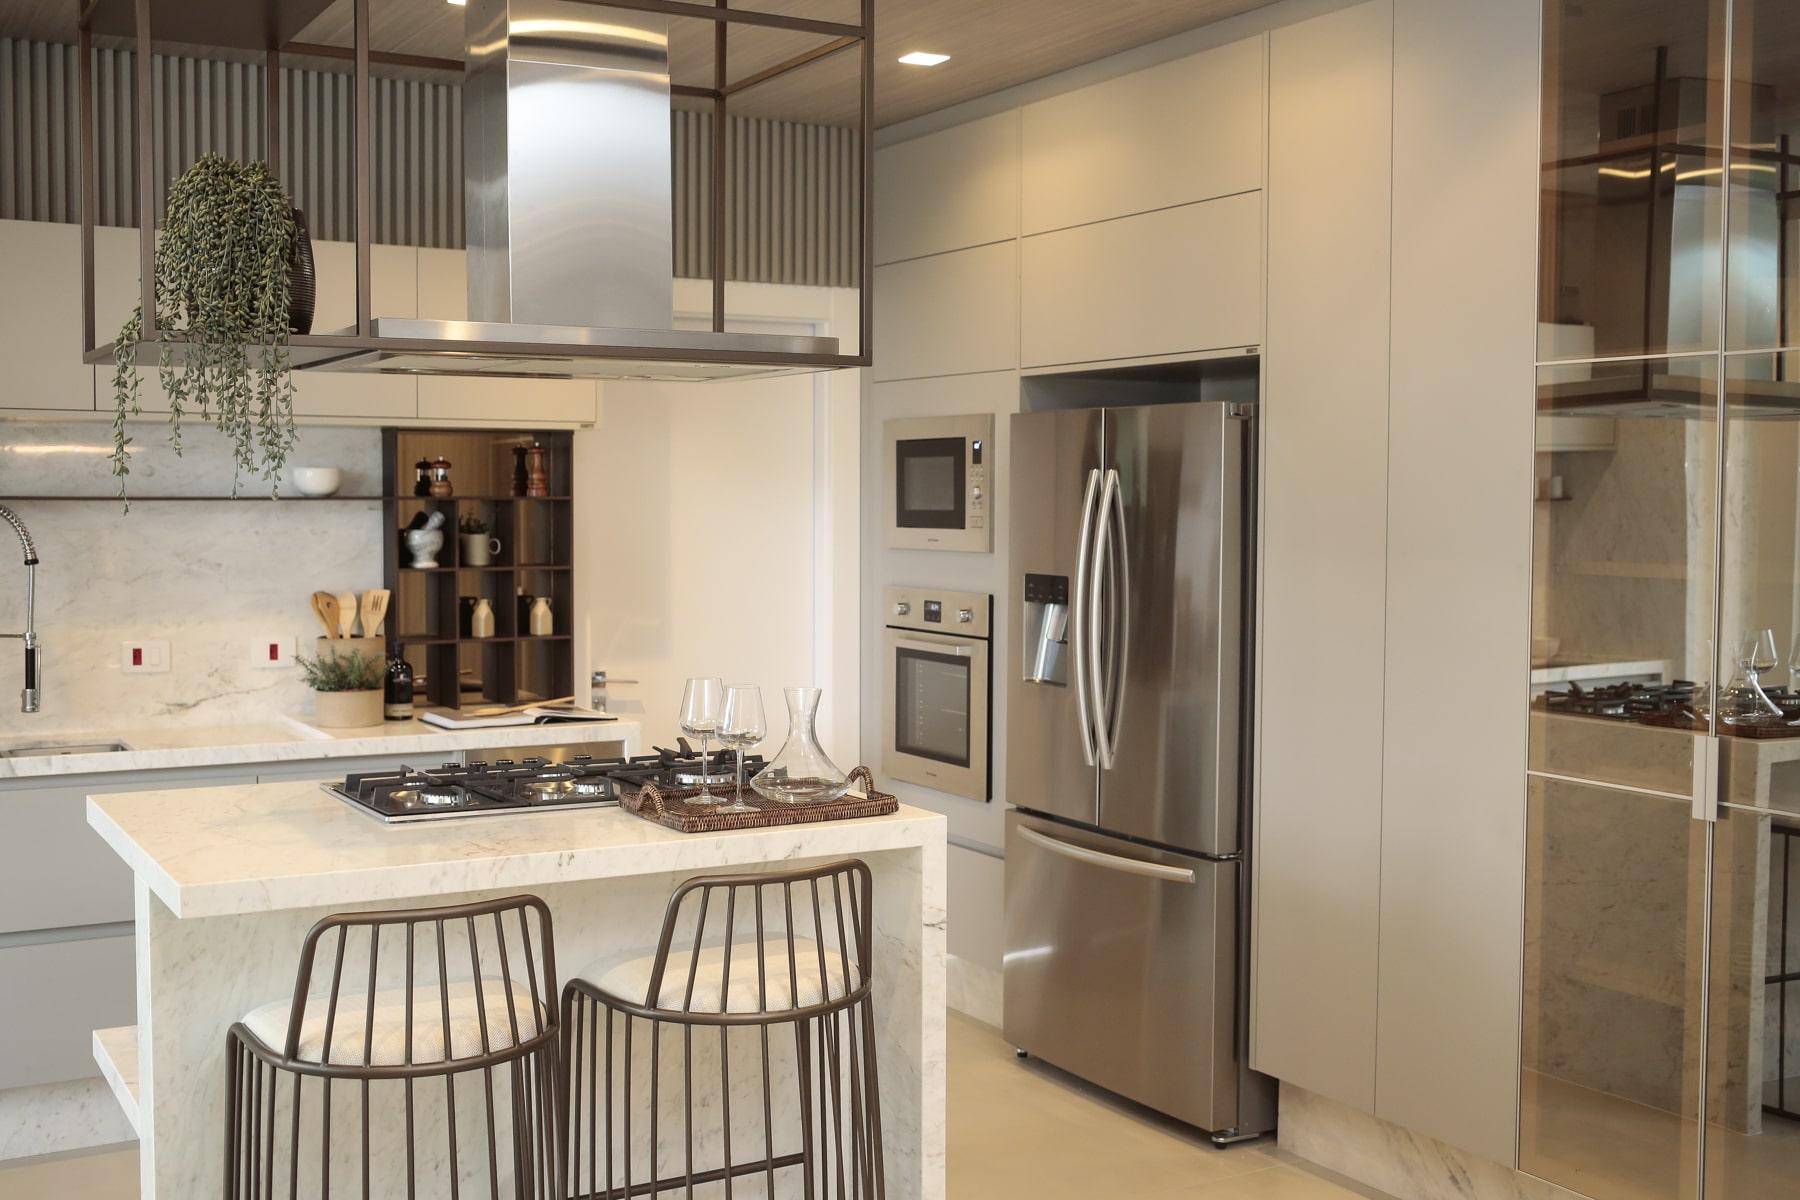 Como cuidar da higiene na cozinha - Construtora Laguna